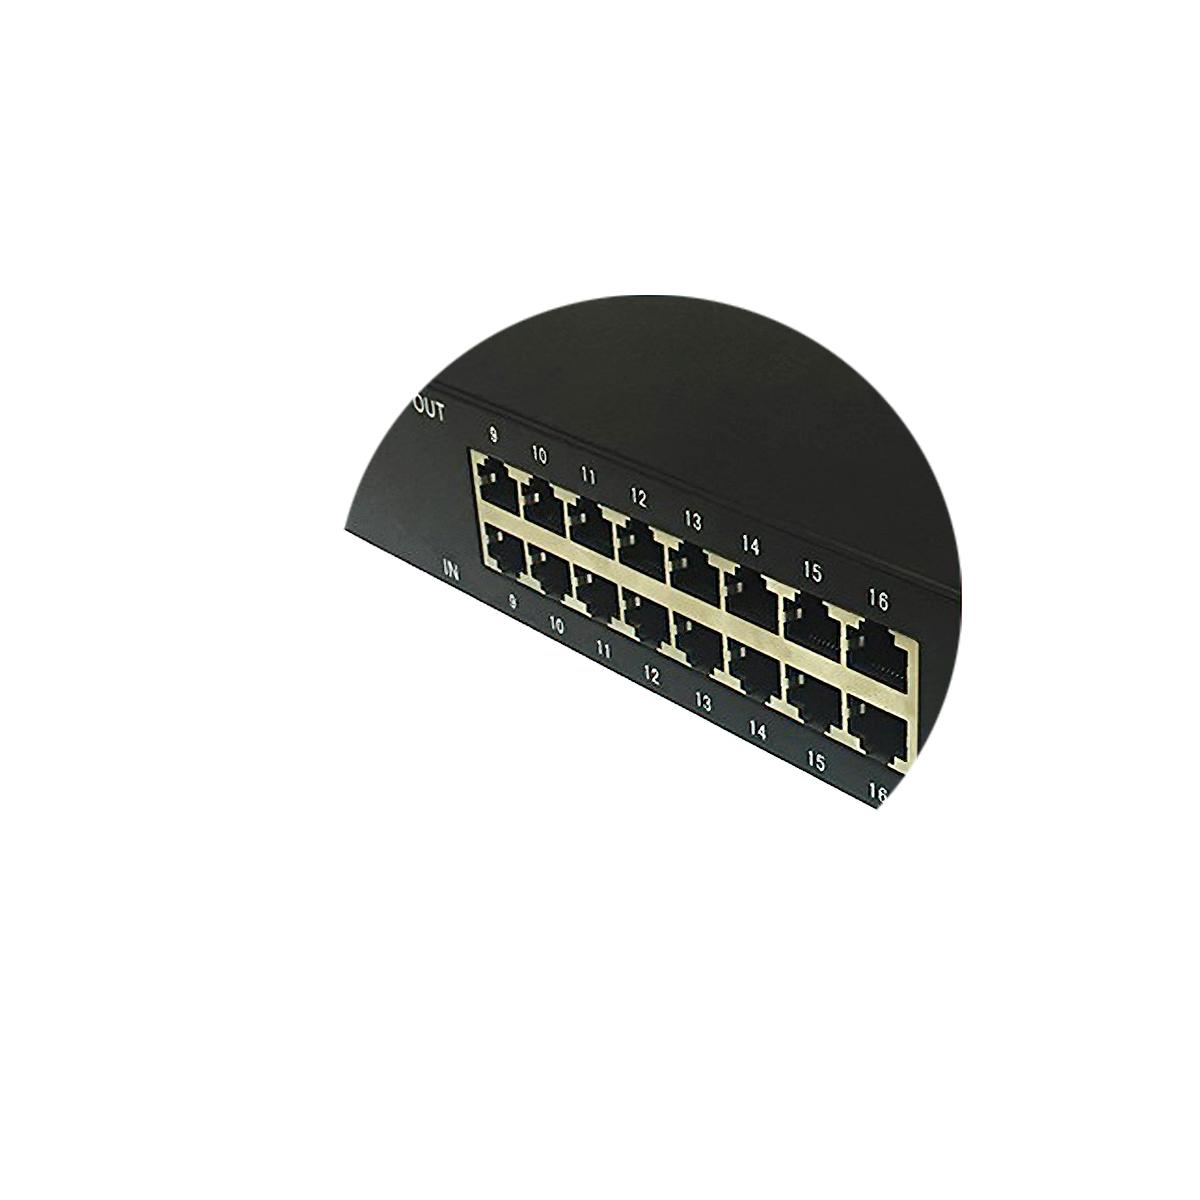 Thiết bị chống sét 16 cổng  mạng Lan, chống sét cho Camera IP  LKD–16WF- HE100M